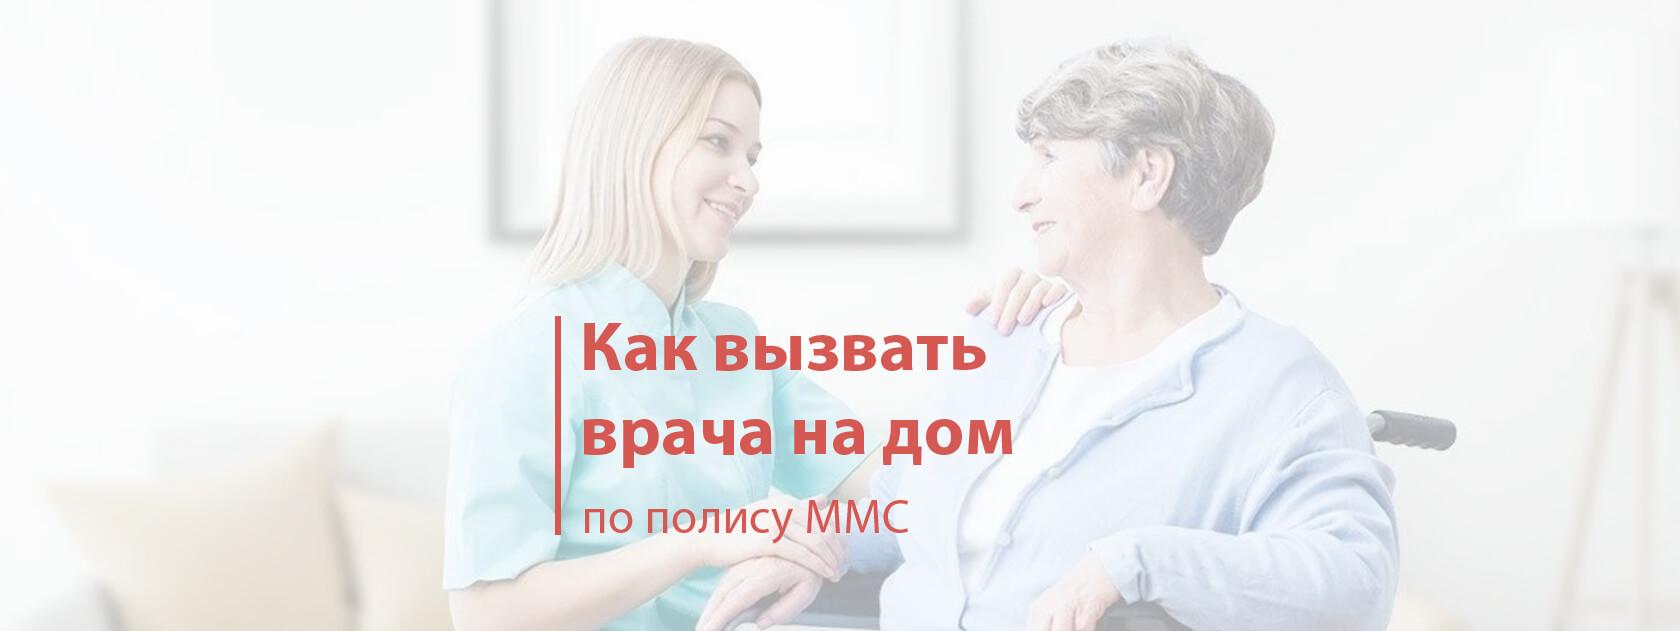 Как вызвать врача на дом по полису ММС